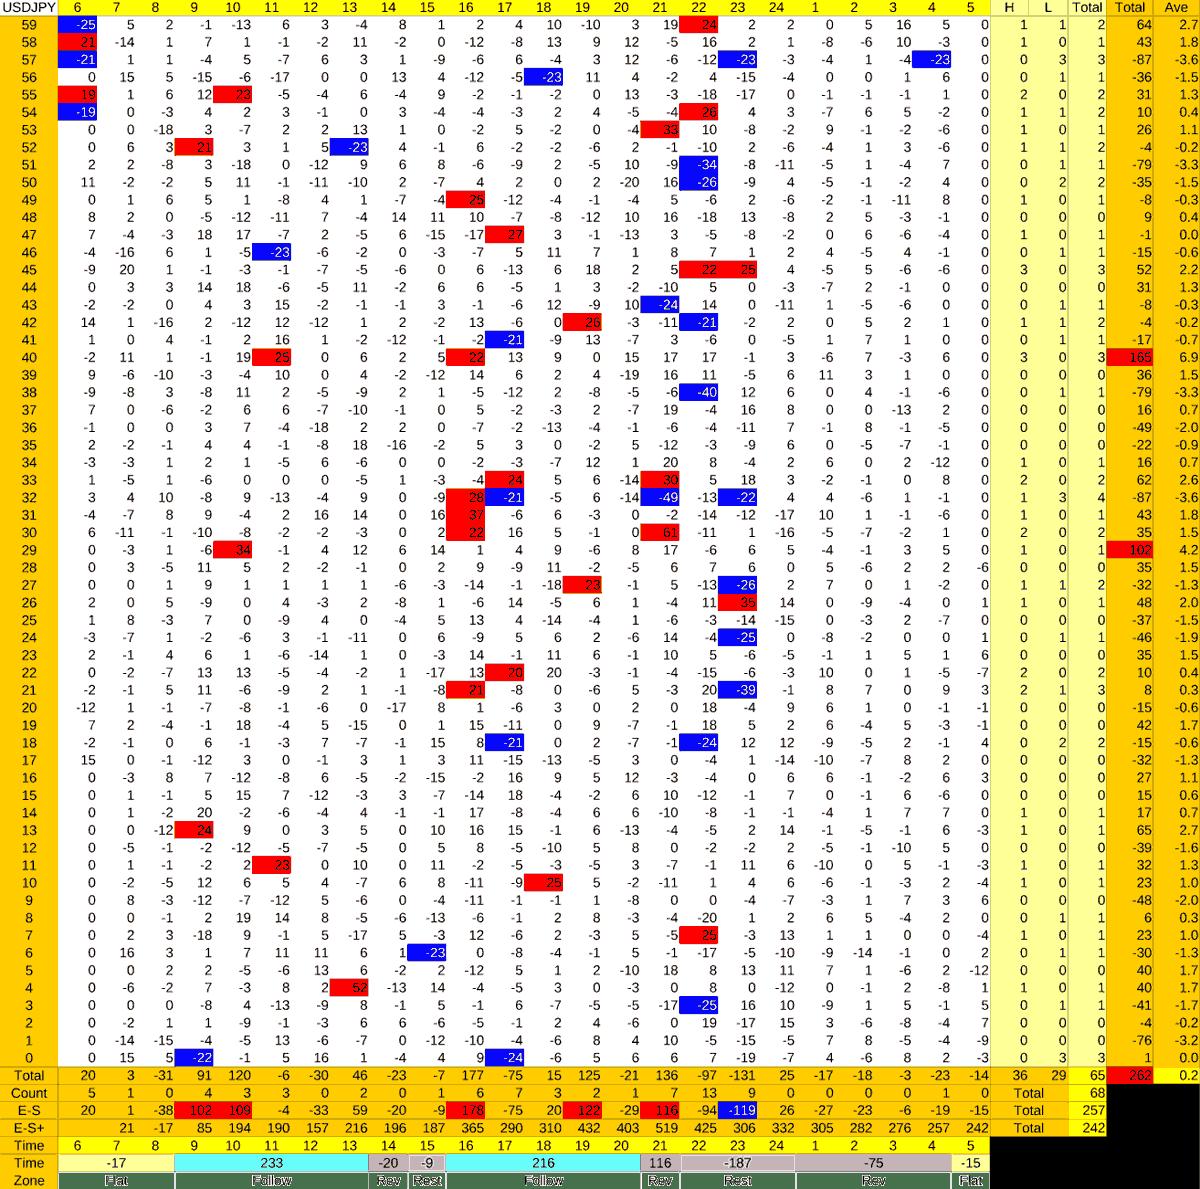 20210716_HS(1)USDJPY-min